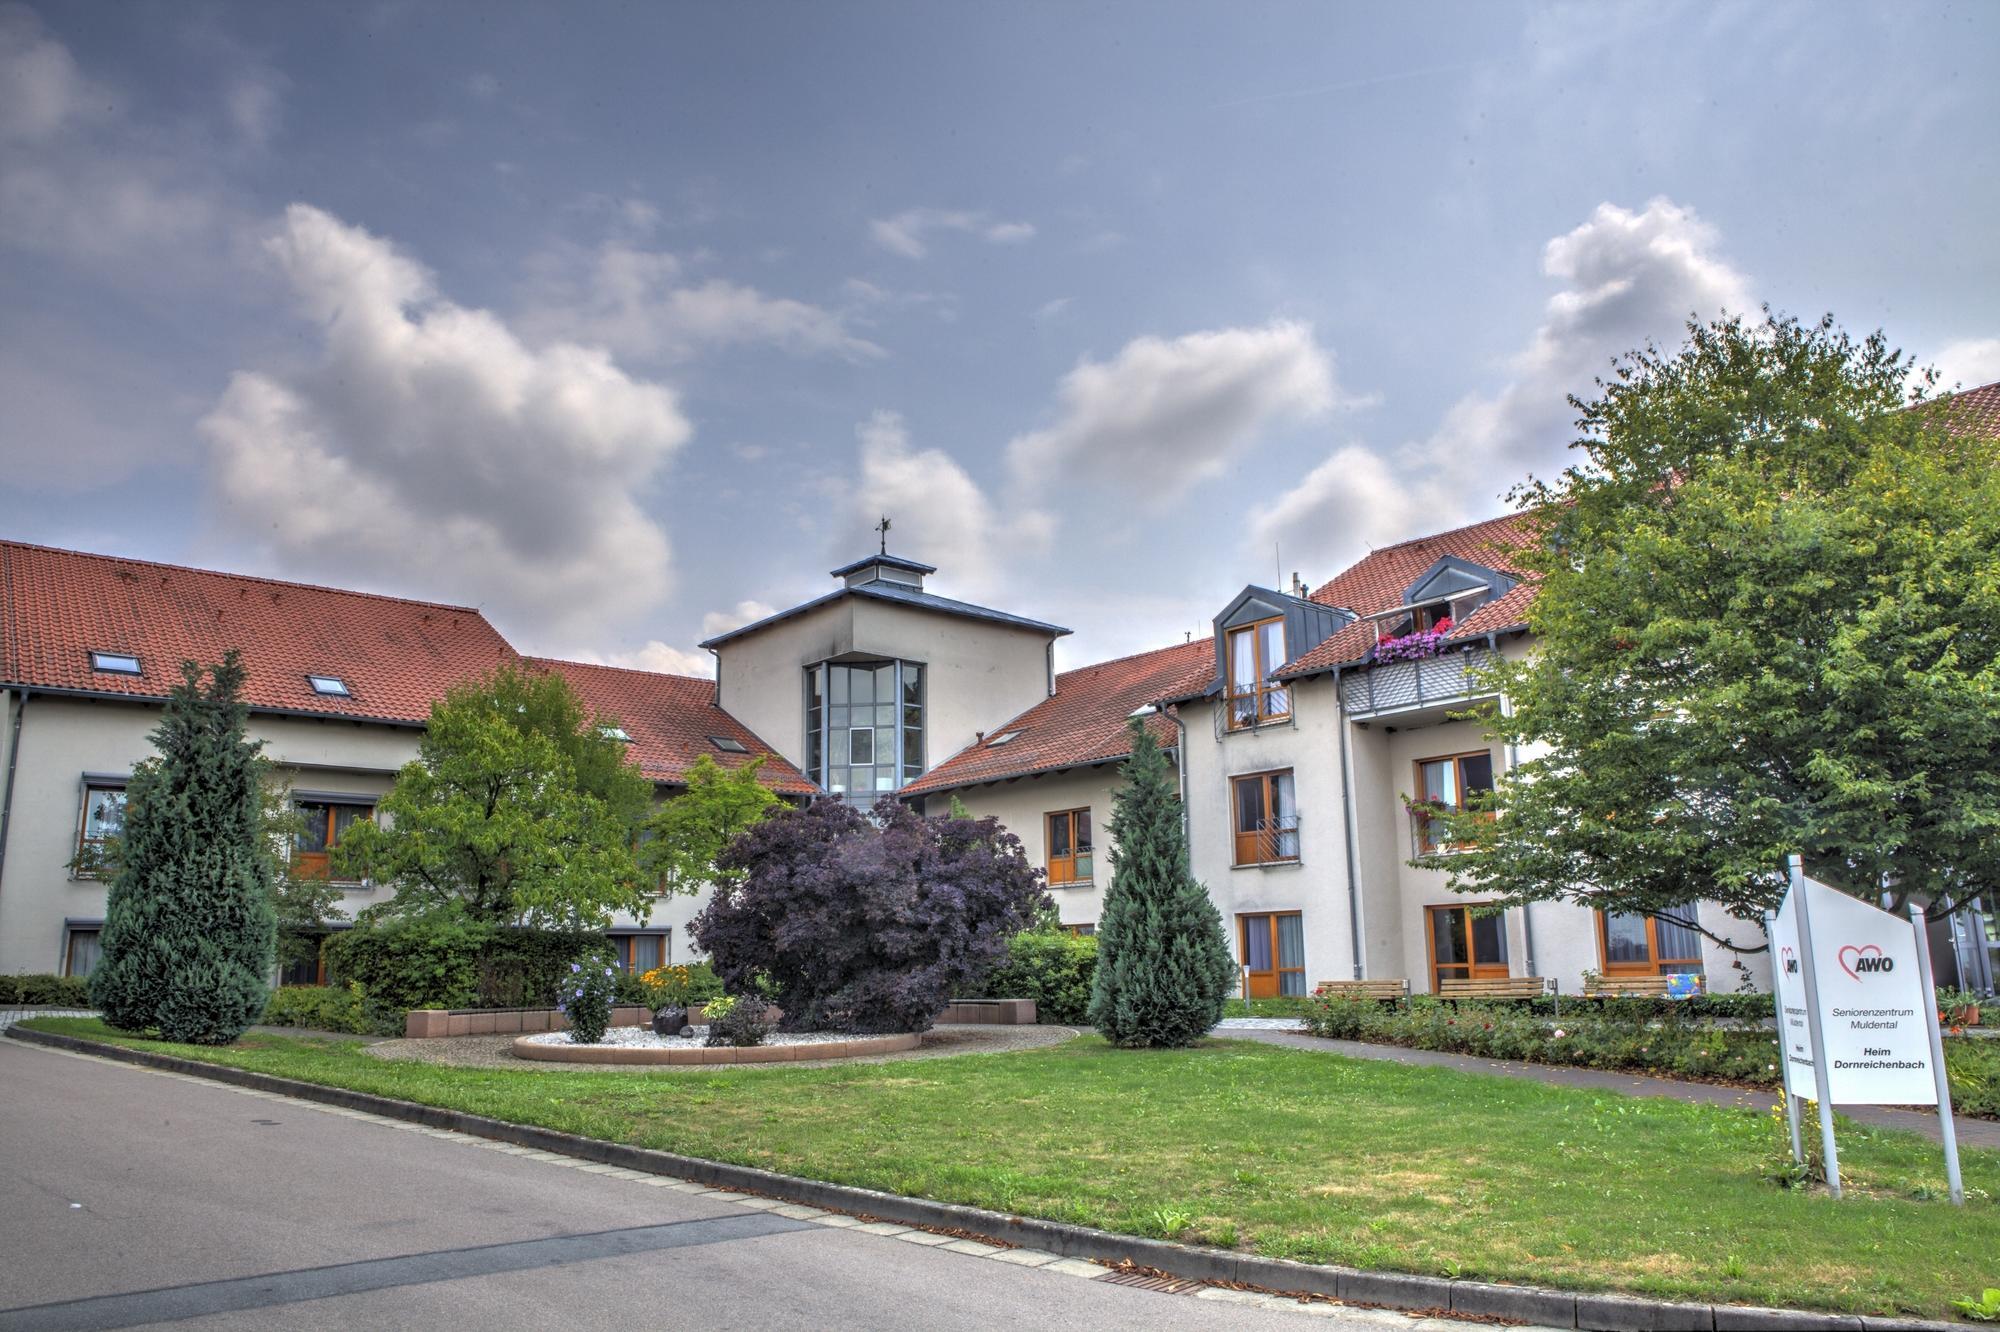 AWO Seniorenzentrum Dornreichenbach